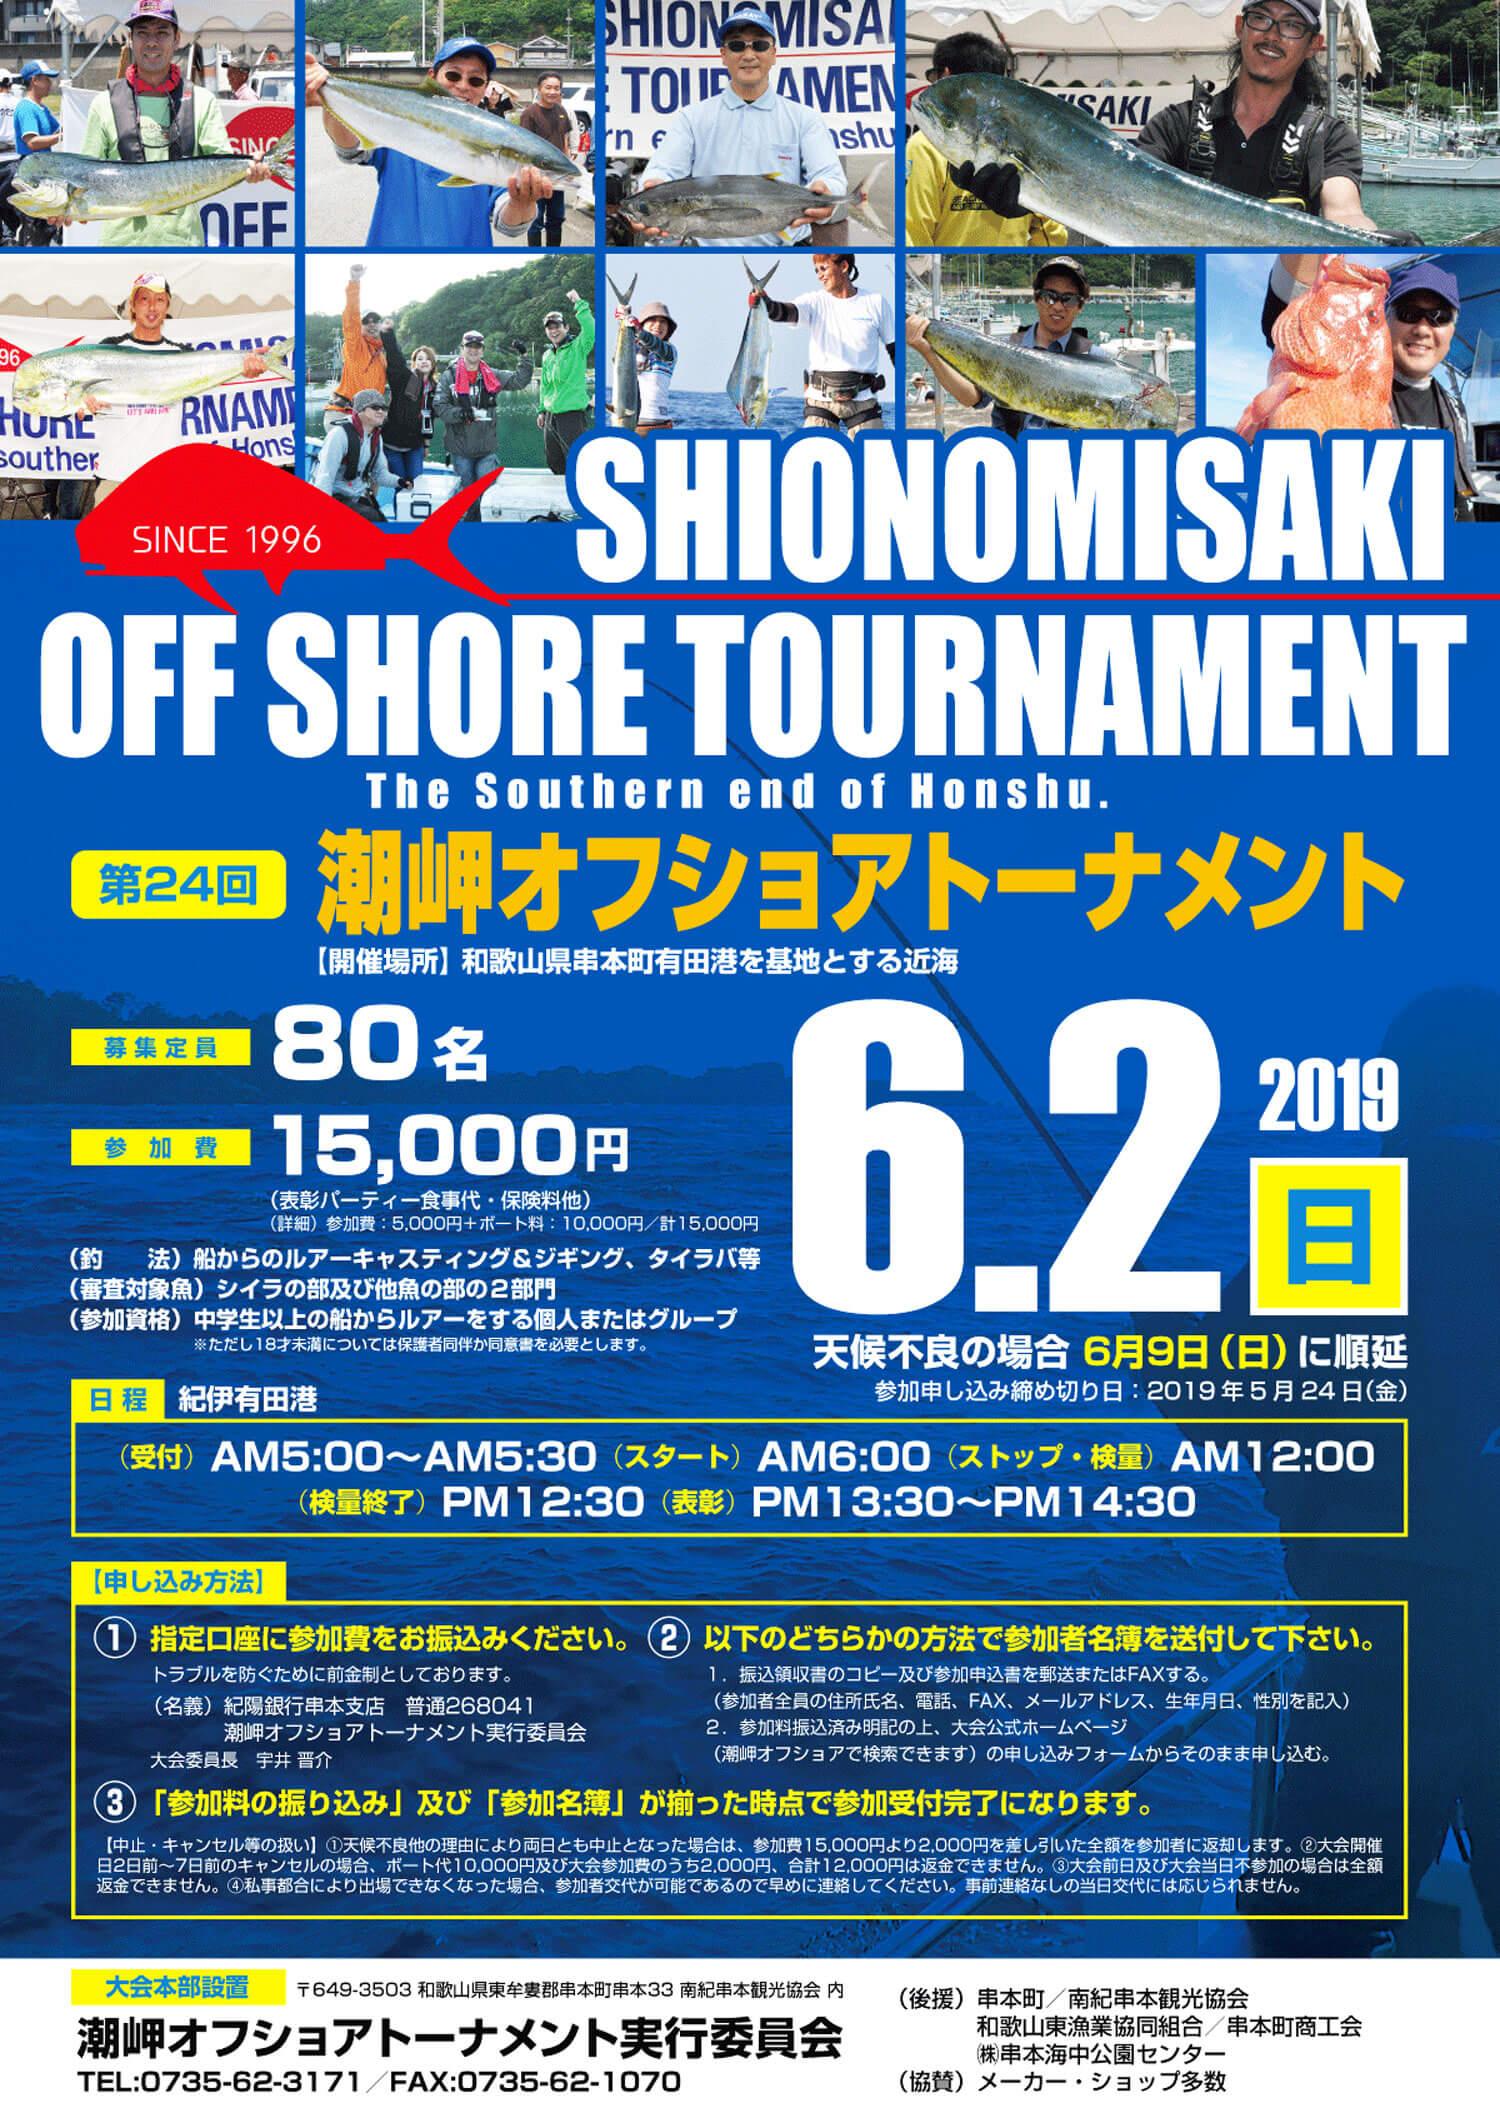 釣りイベント 潮岬オフショアートーナメント2